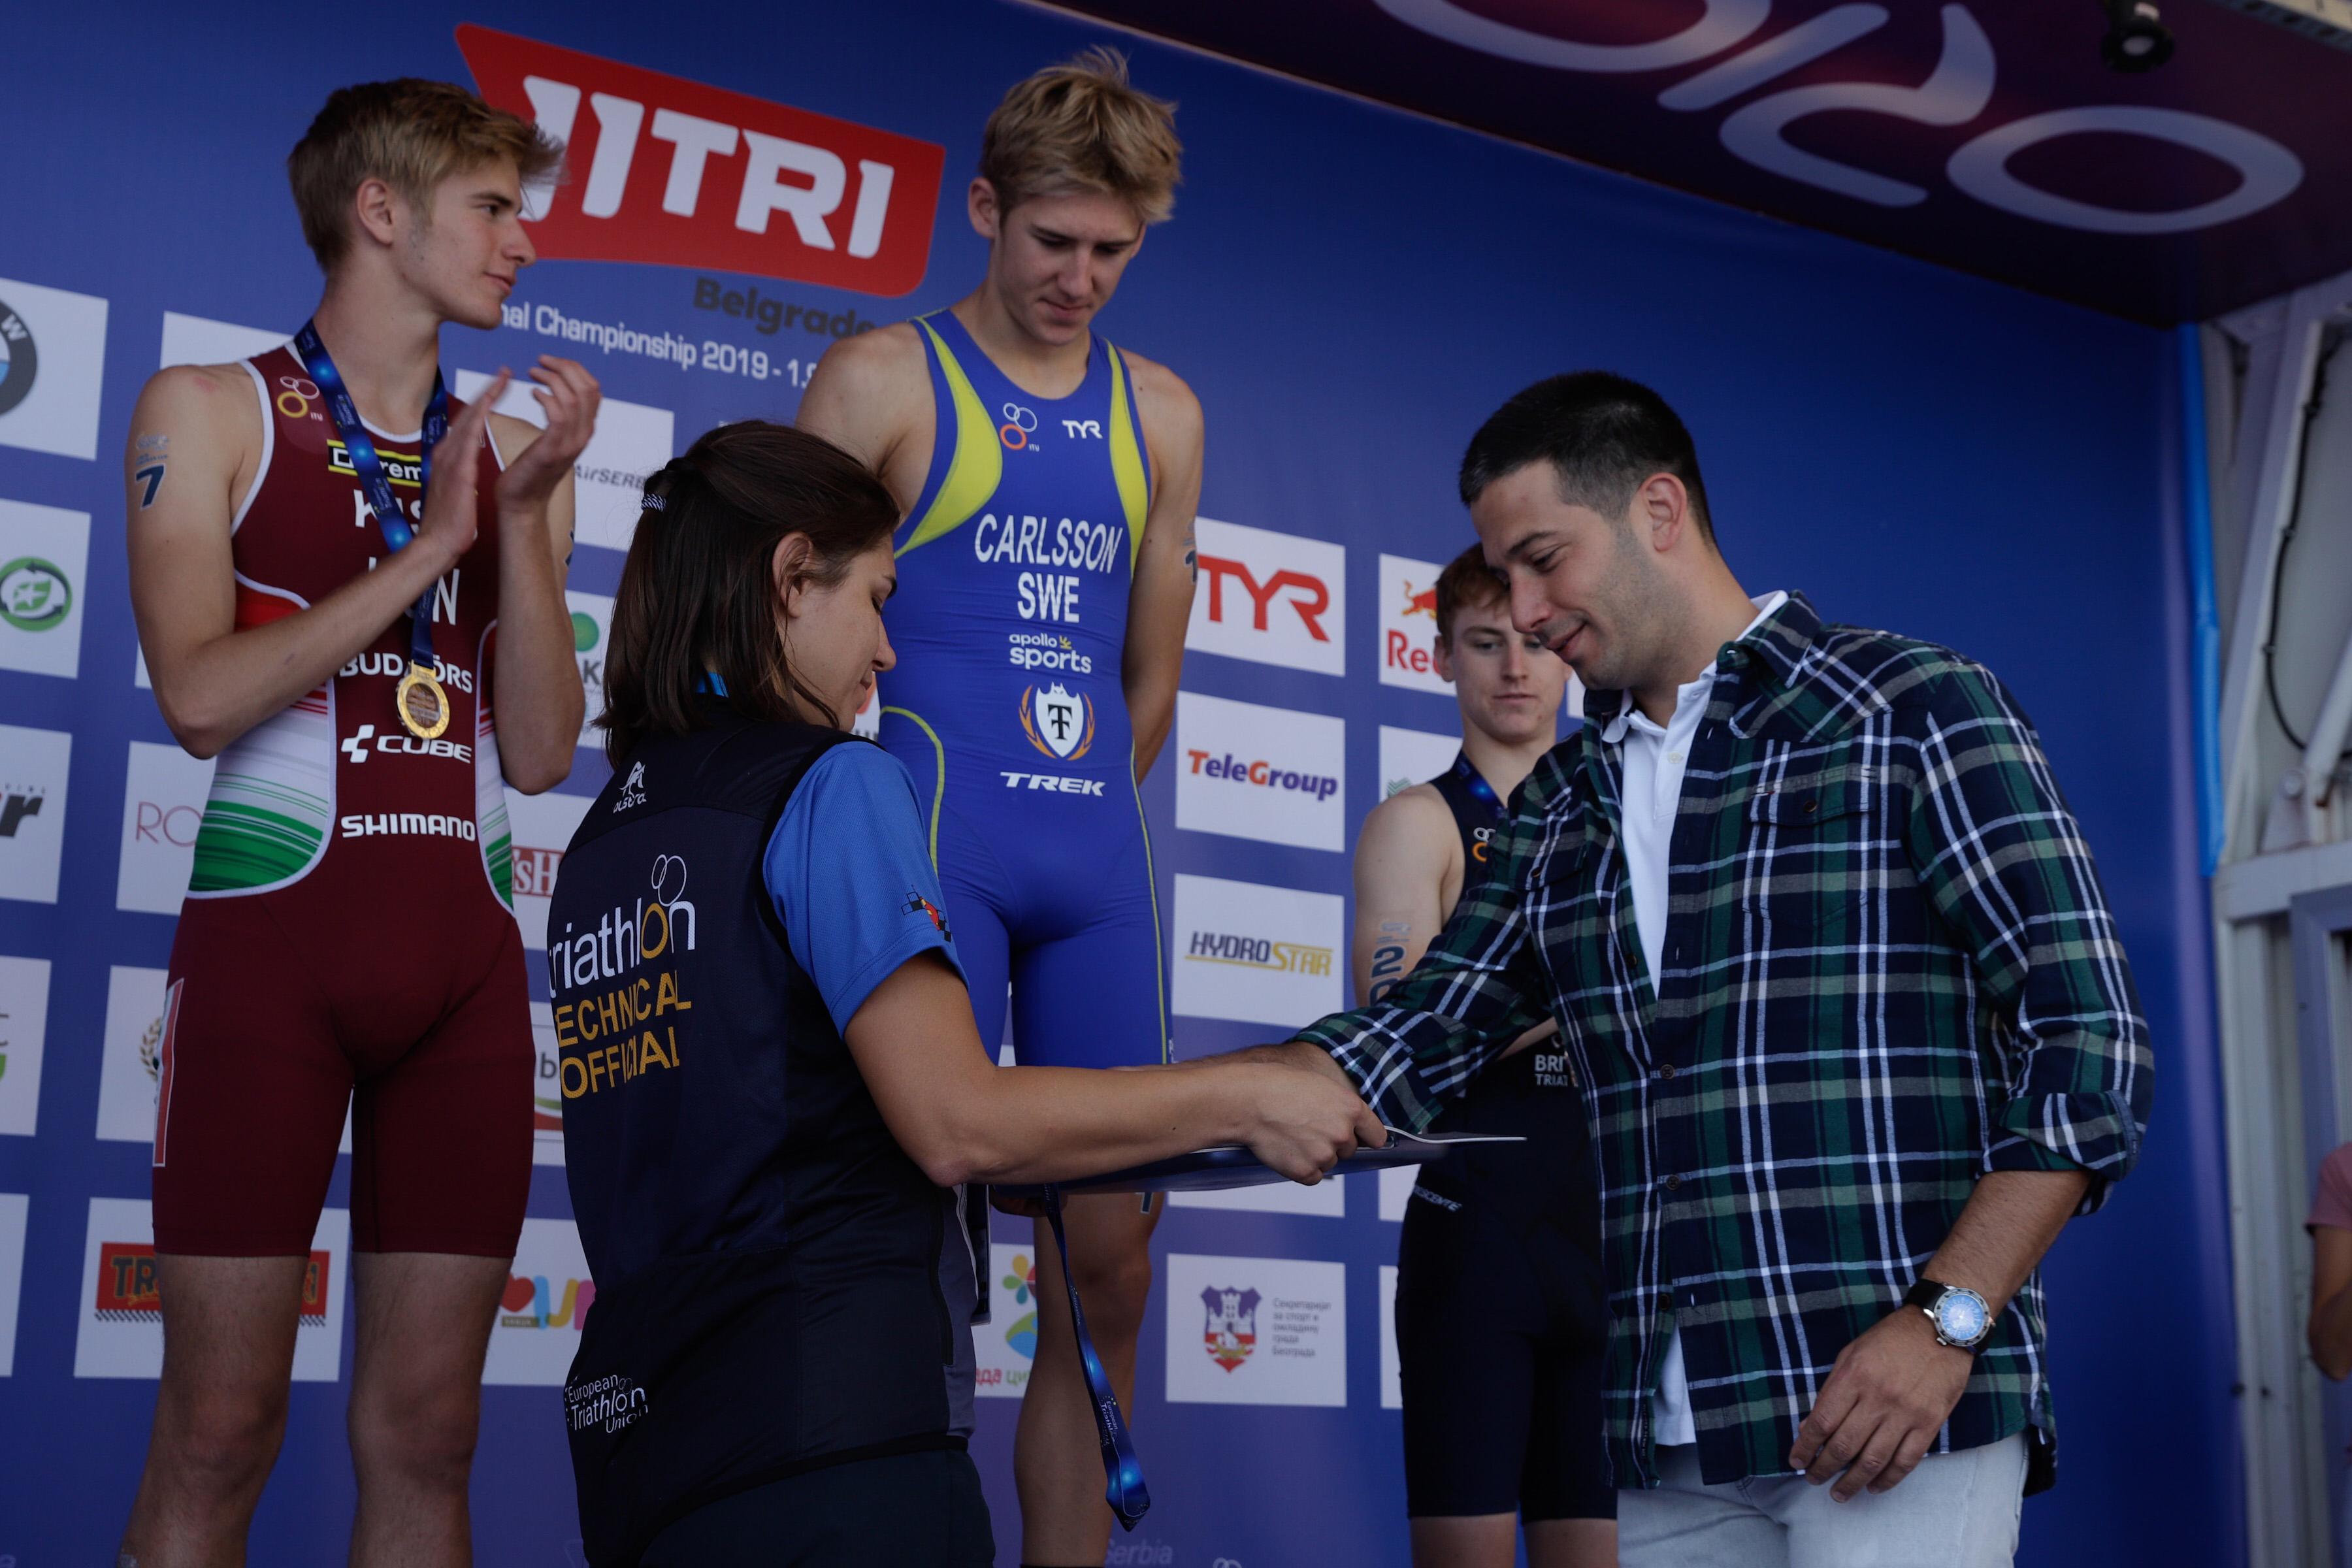 Ministar Udovičić uručio medalje najboljim mladim triatloncima